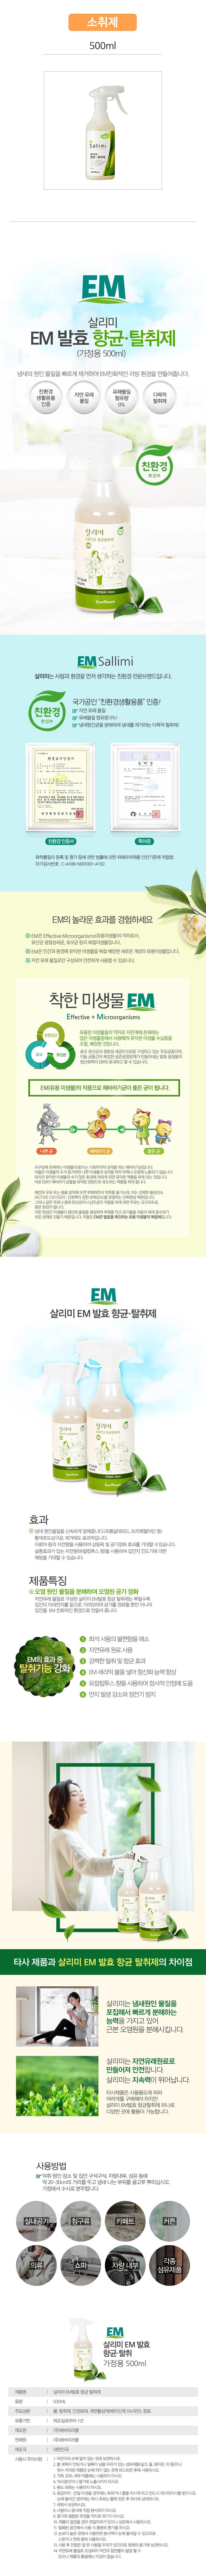 EM17.jpg